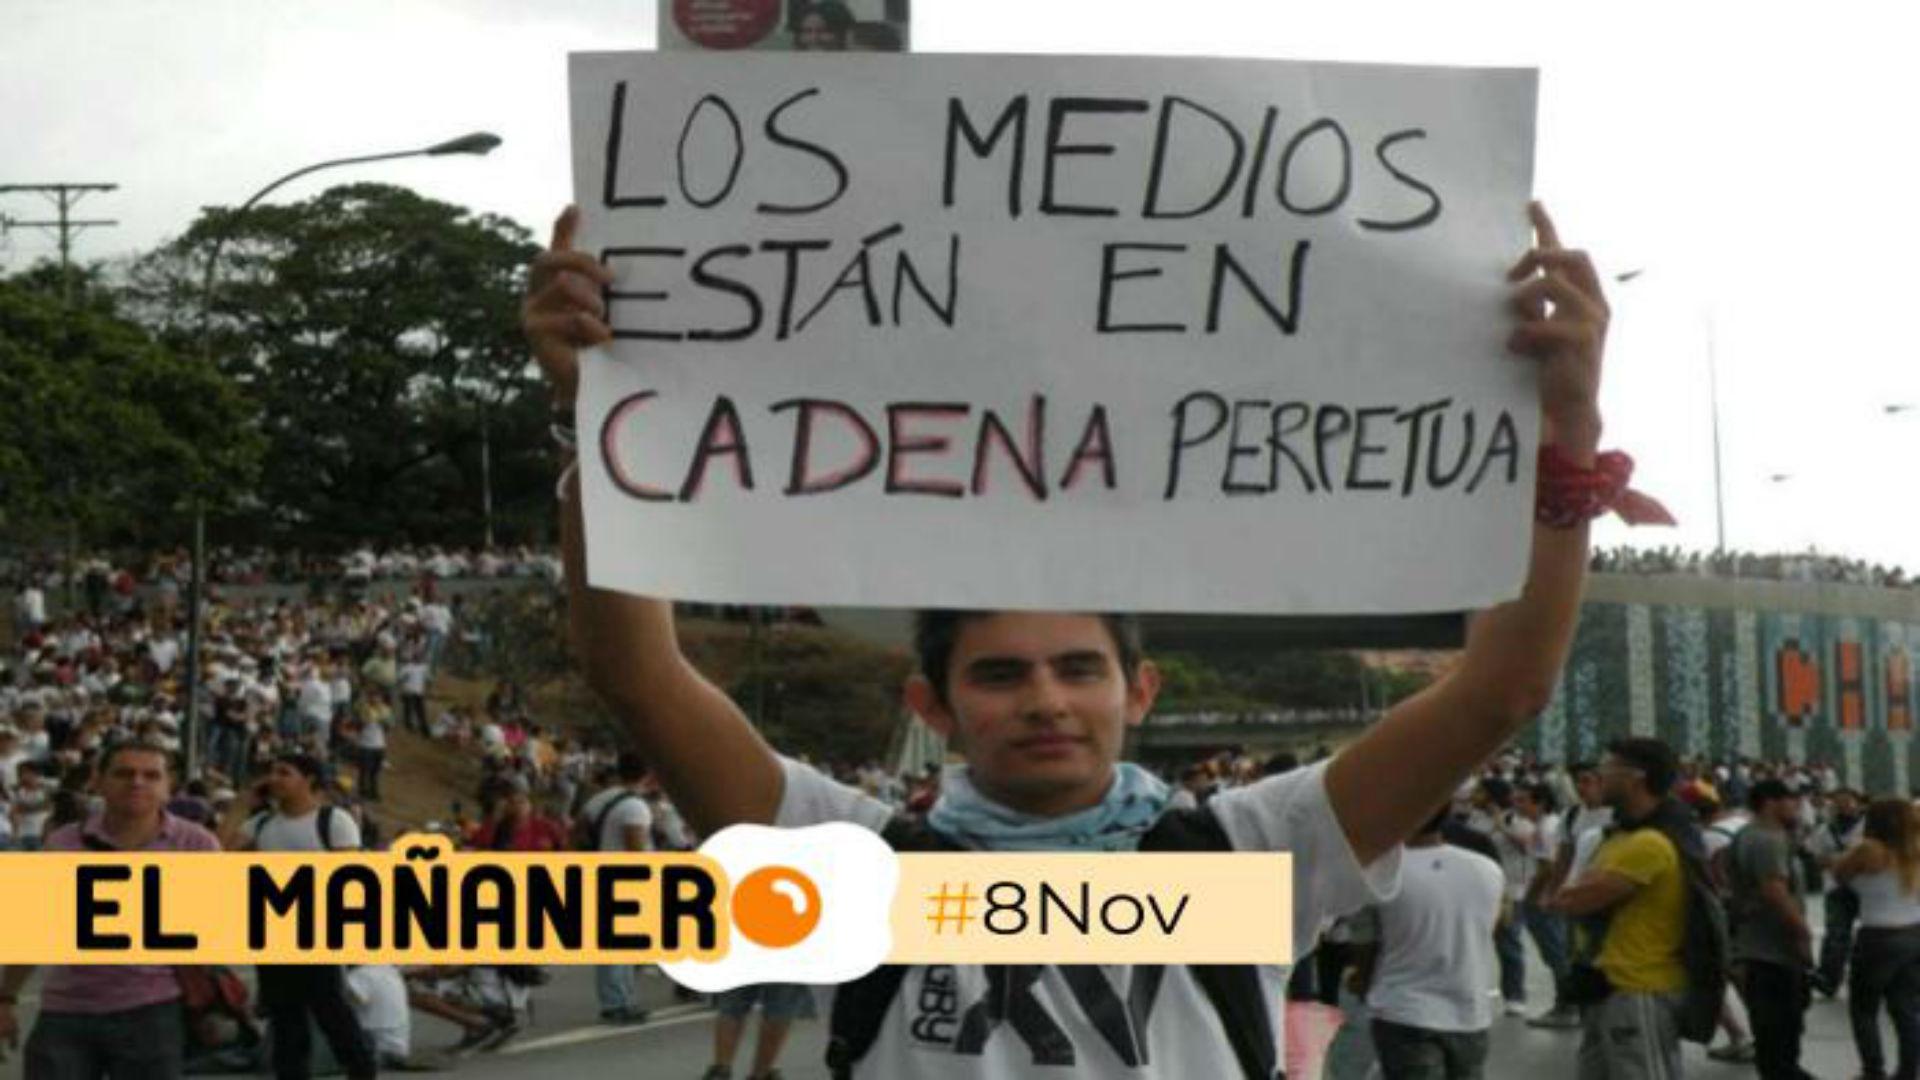 El Mañanero de hoy #8Nov: Las 8 noticias que debes saber